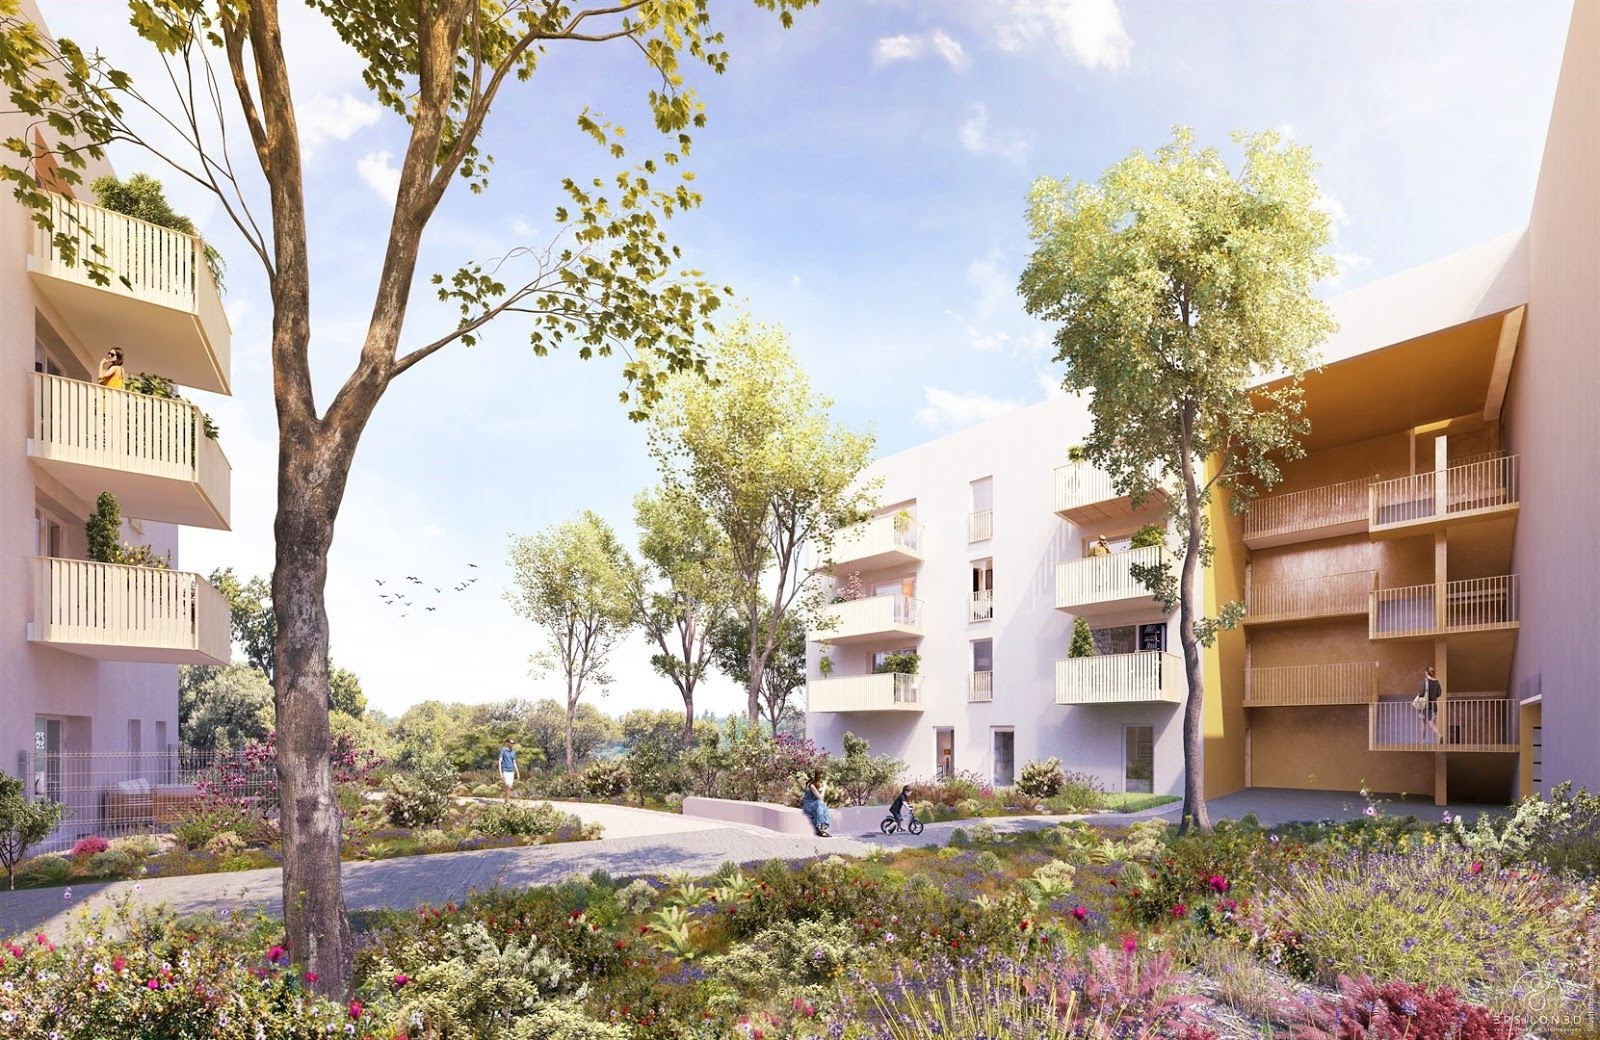 Programme immobilier Saint-Priest (69800) Environnement Verdoyant et Calme QUA5